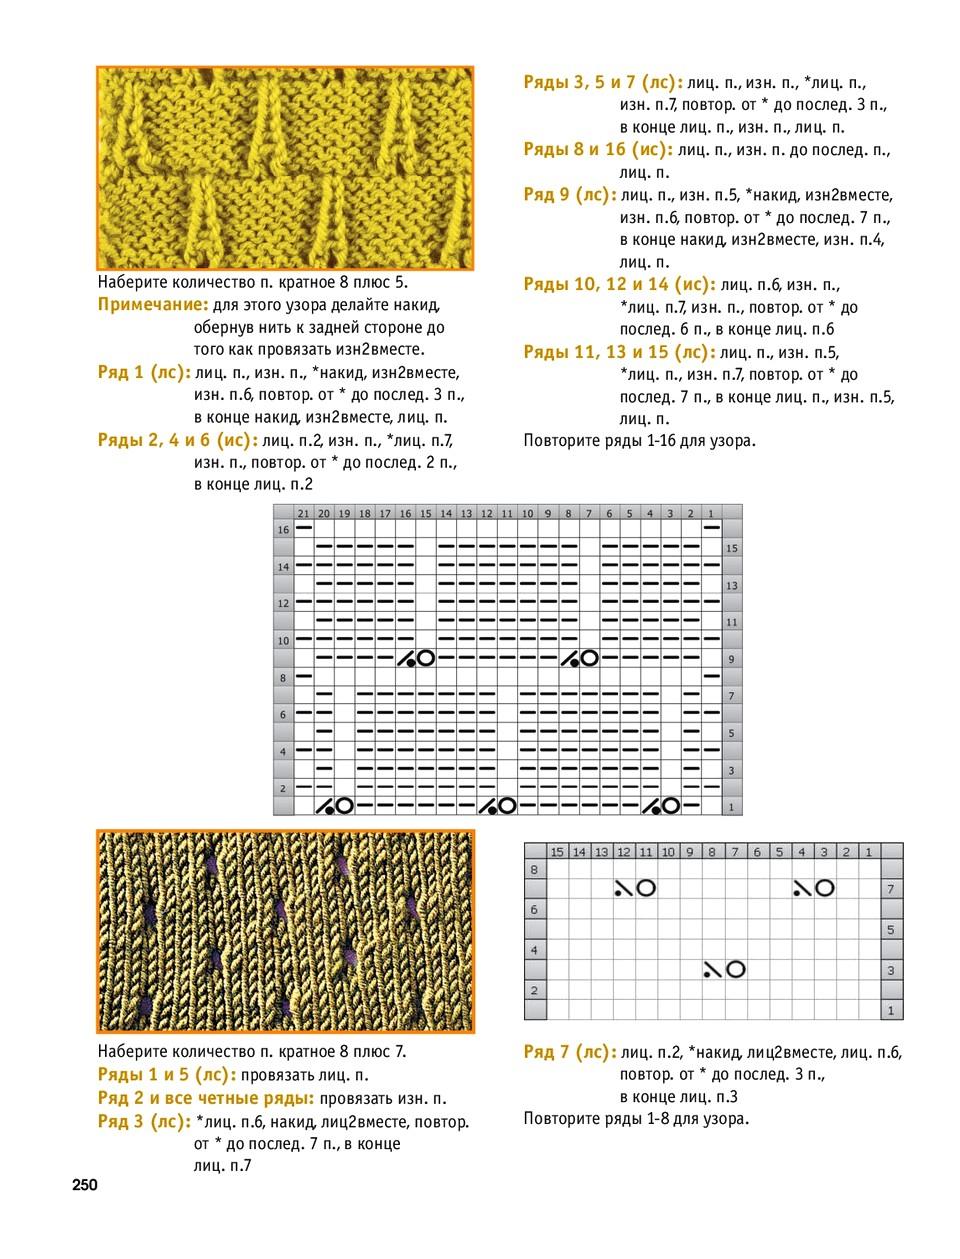 bibliya-vyazaniya-kruchkom-i-spicam-251